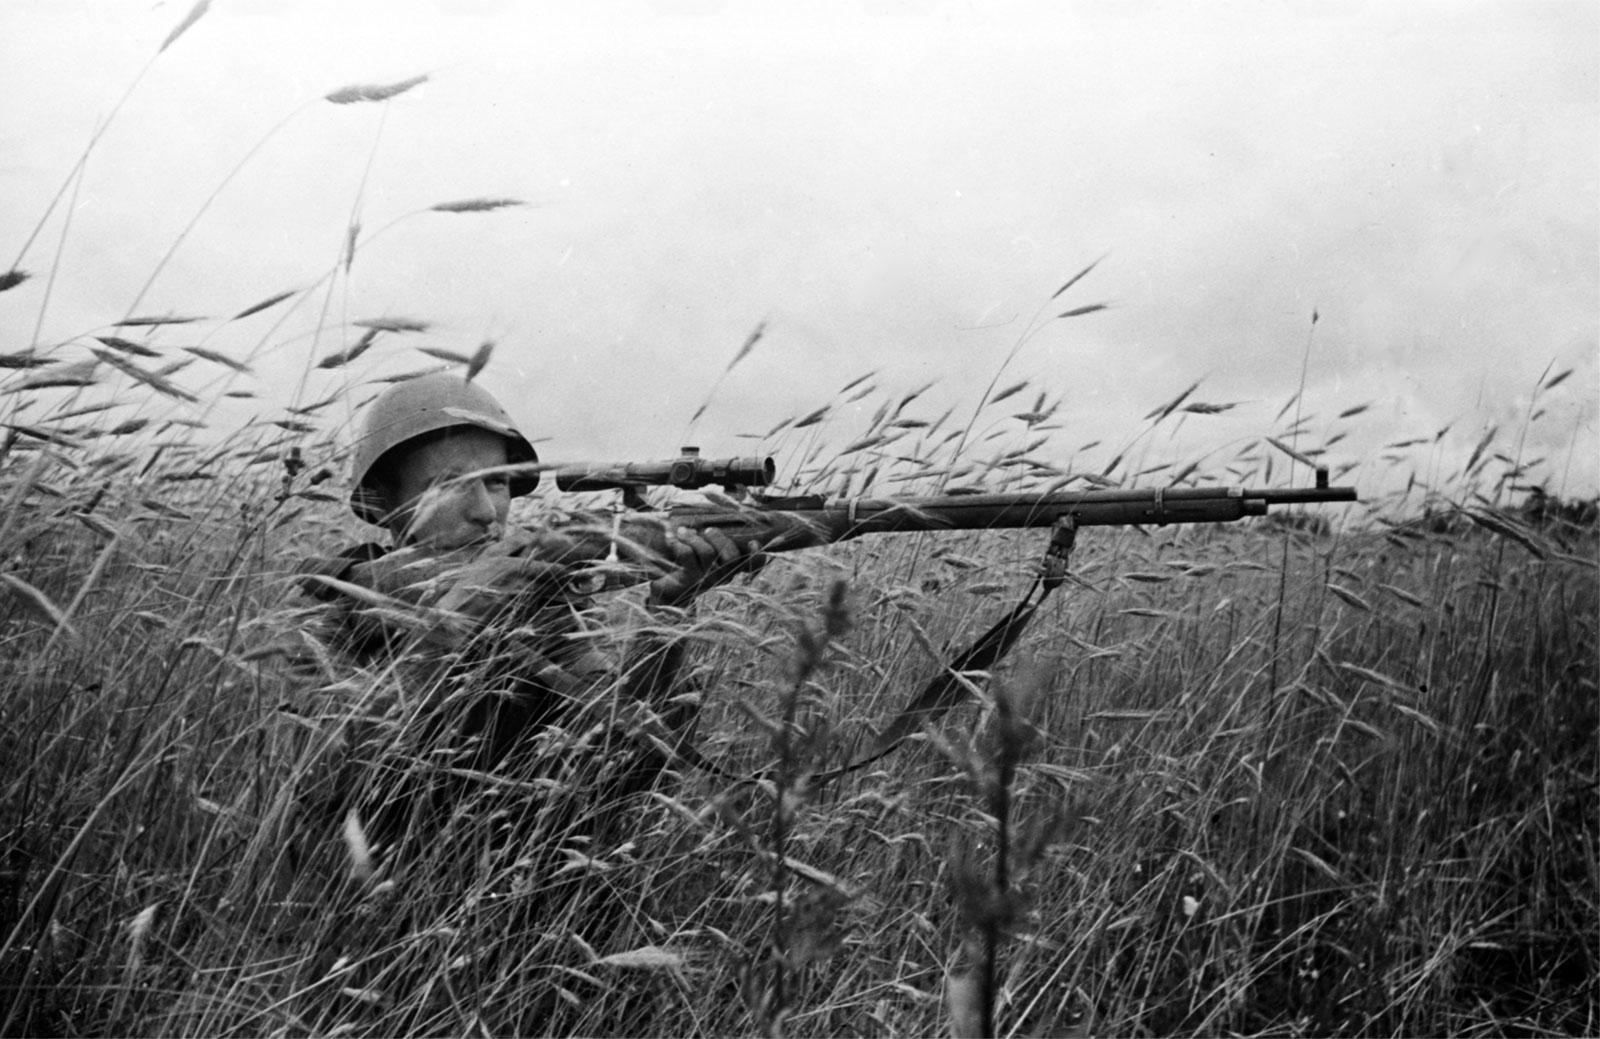 Министерство обороны опубликовало редкие снимки великой отеч.